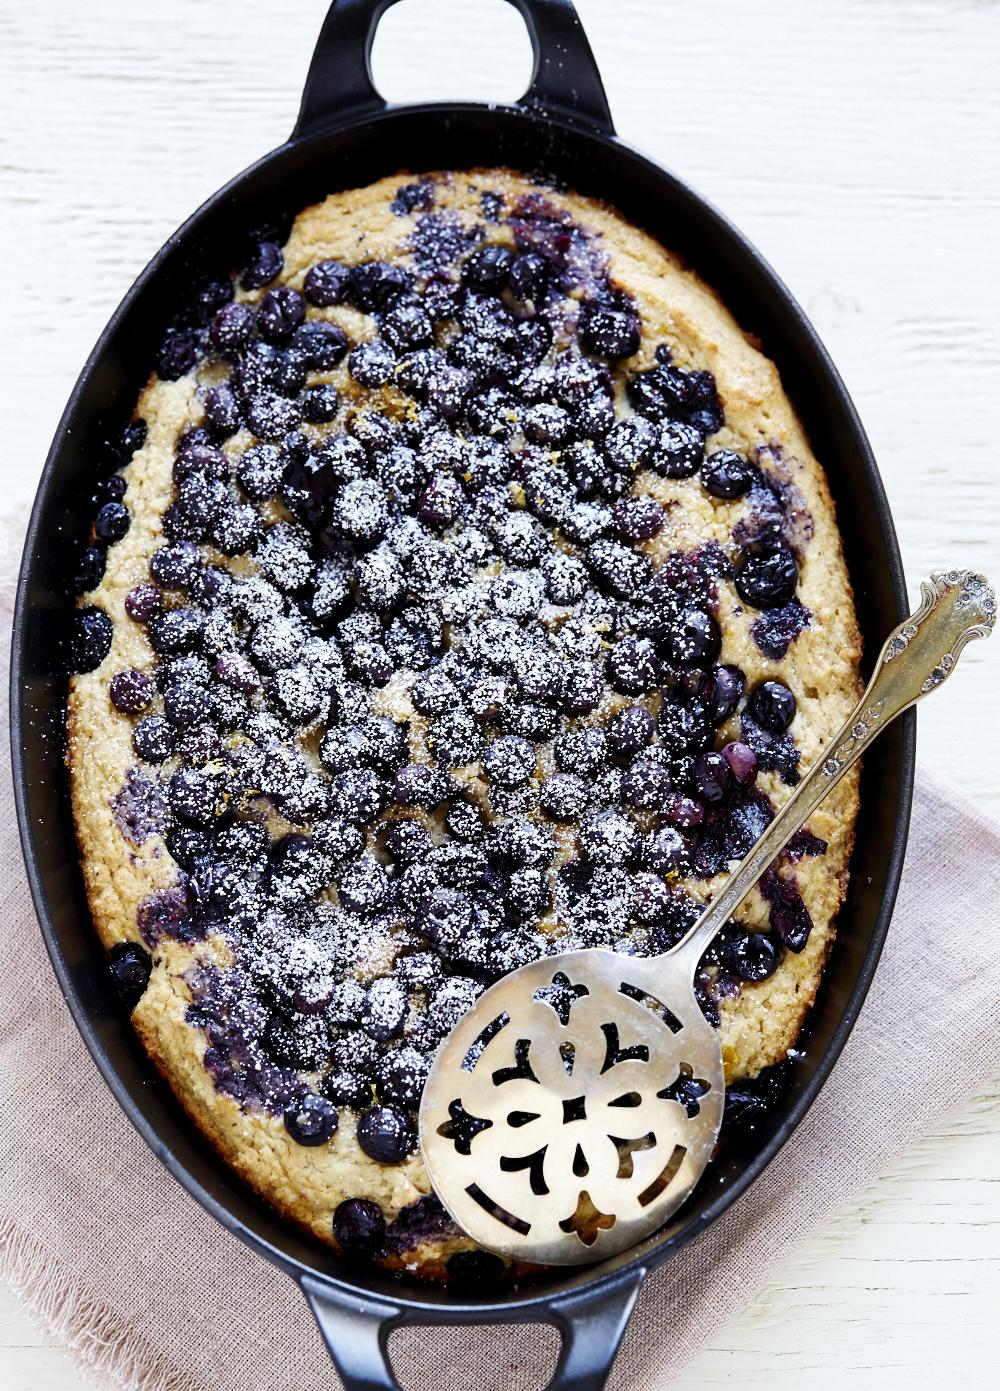 Blueberry Ricotta Skillet Cake (GF, V)